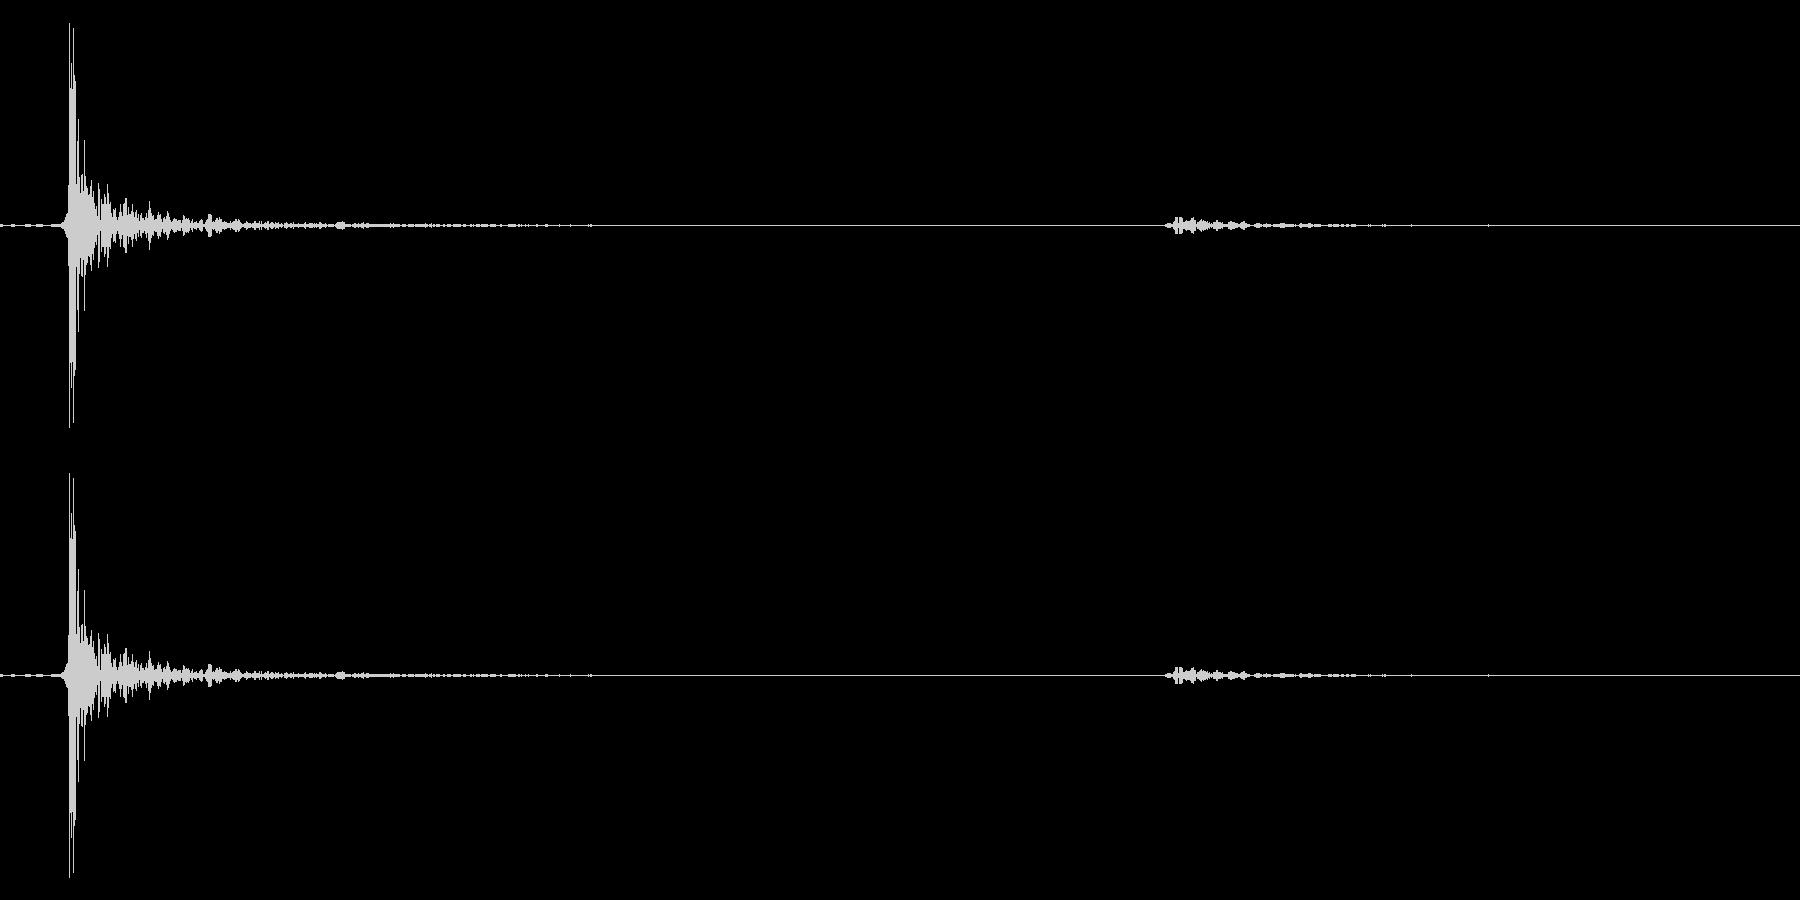 カーソル移動音7の未再生の波形